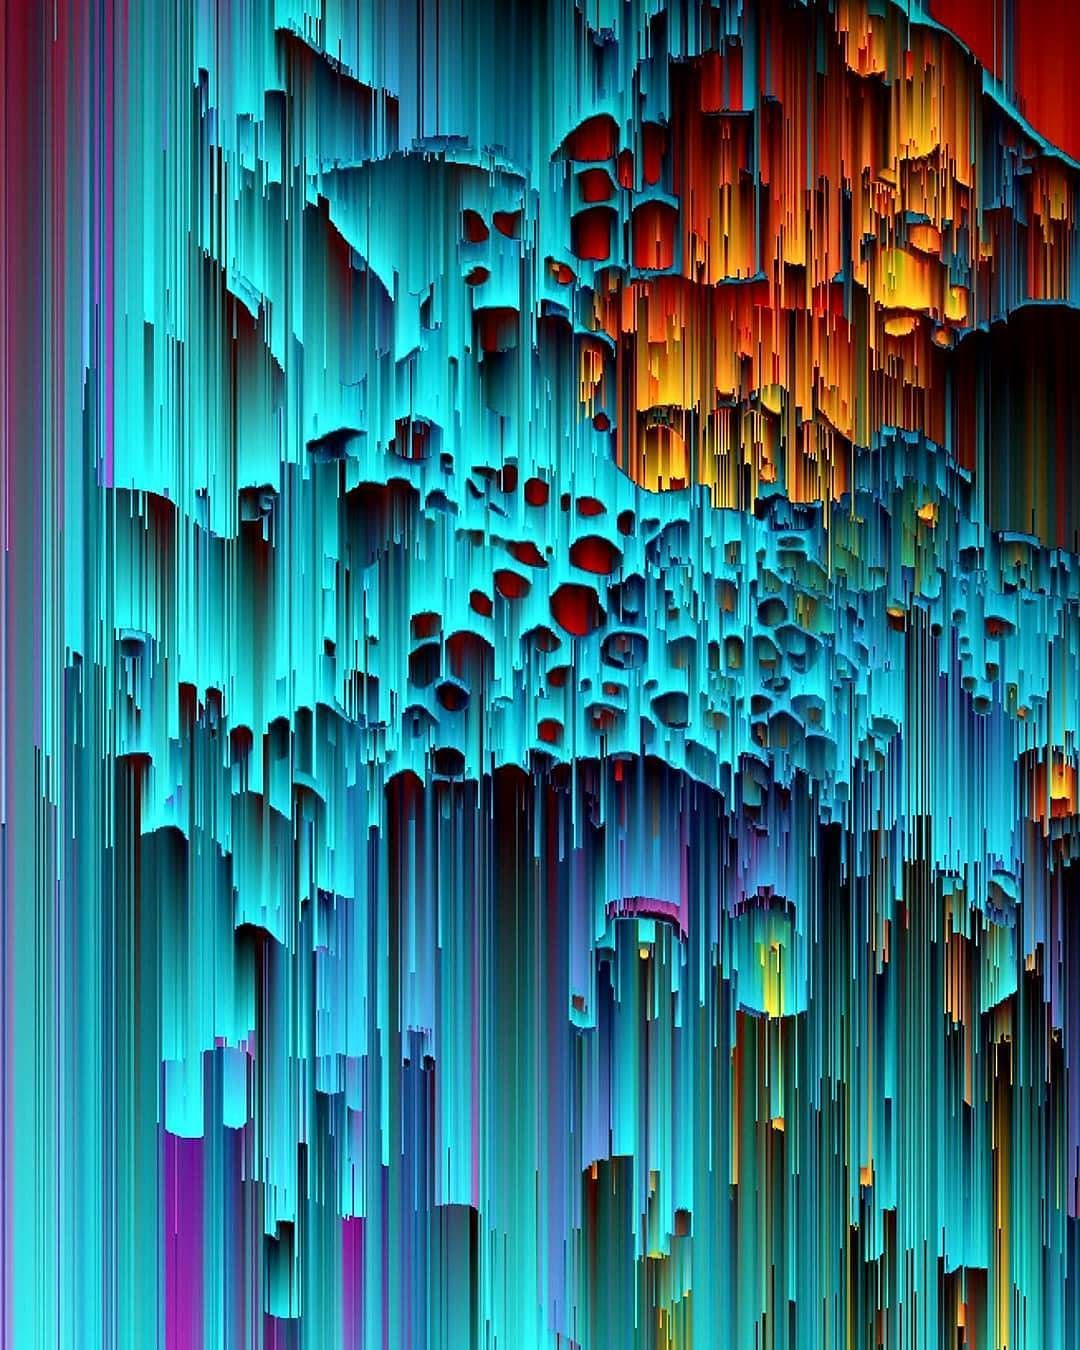 86 1 K Abonnes 97 Abonnement 506 Publications Decouvrez Les Photos Et Videos Instagram De Fluid R Acrylic Painting Techniques Acrylic Pouring Art Fluid Art